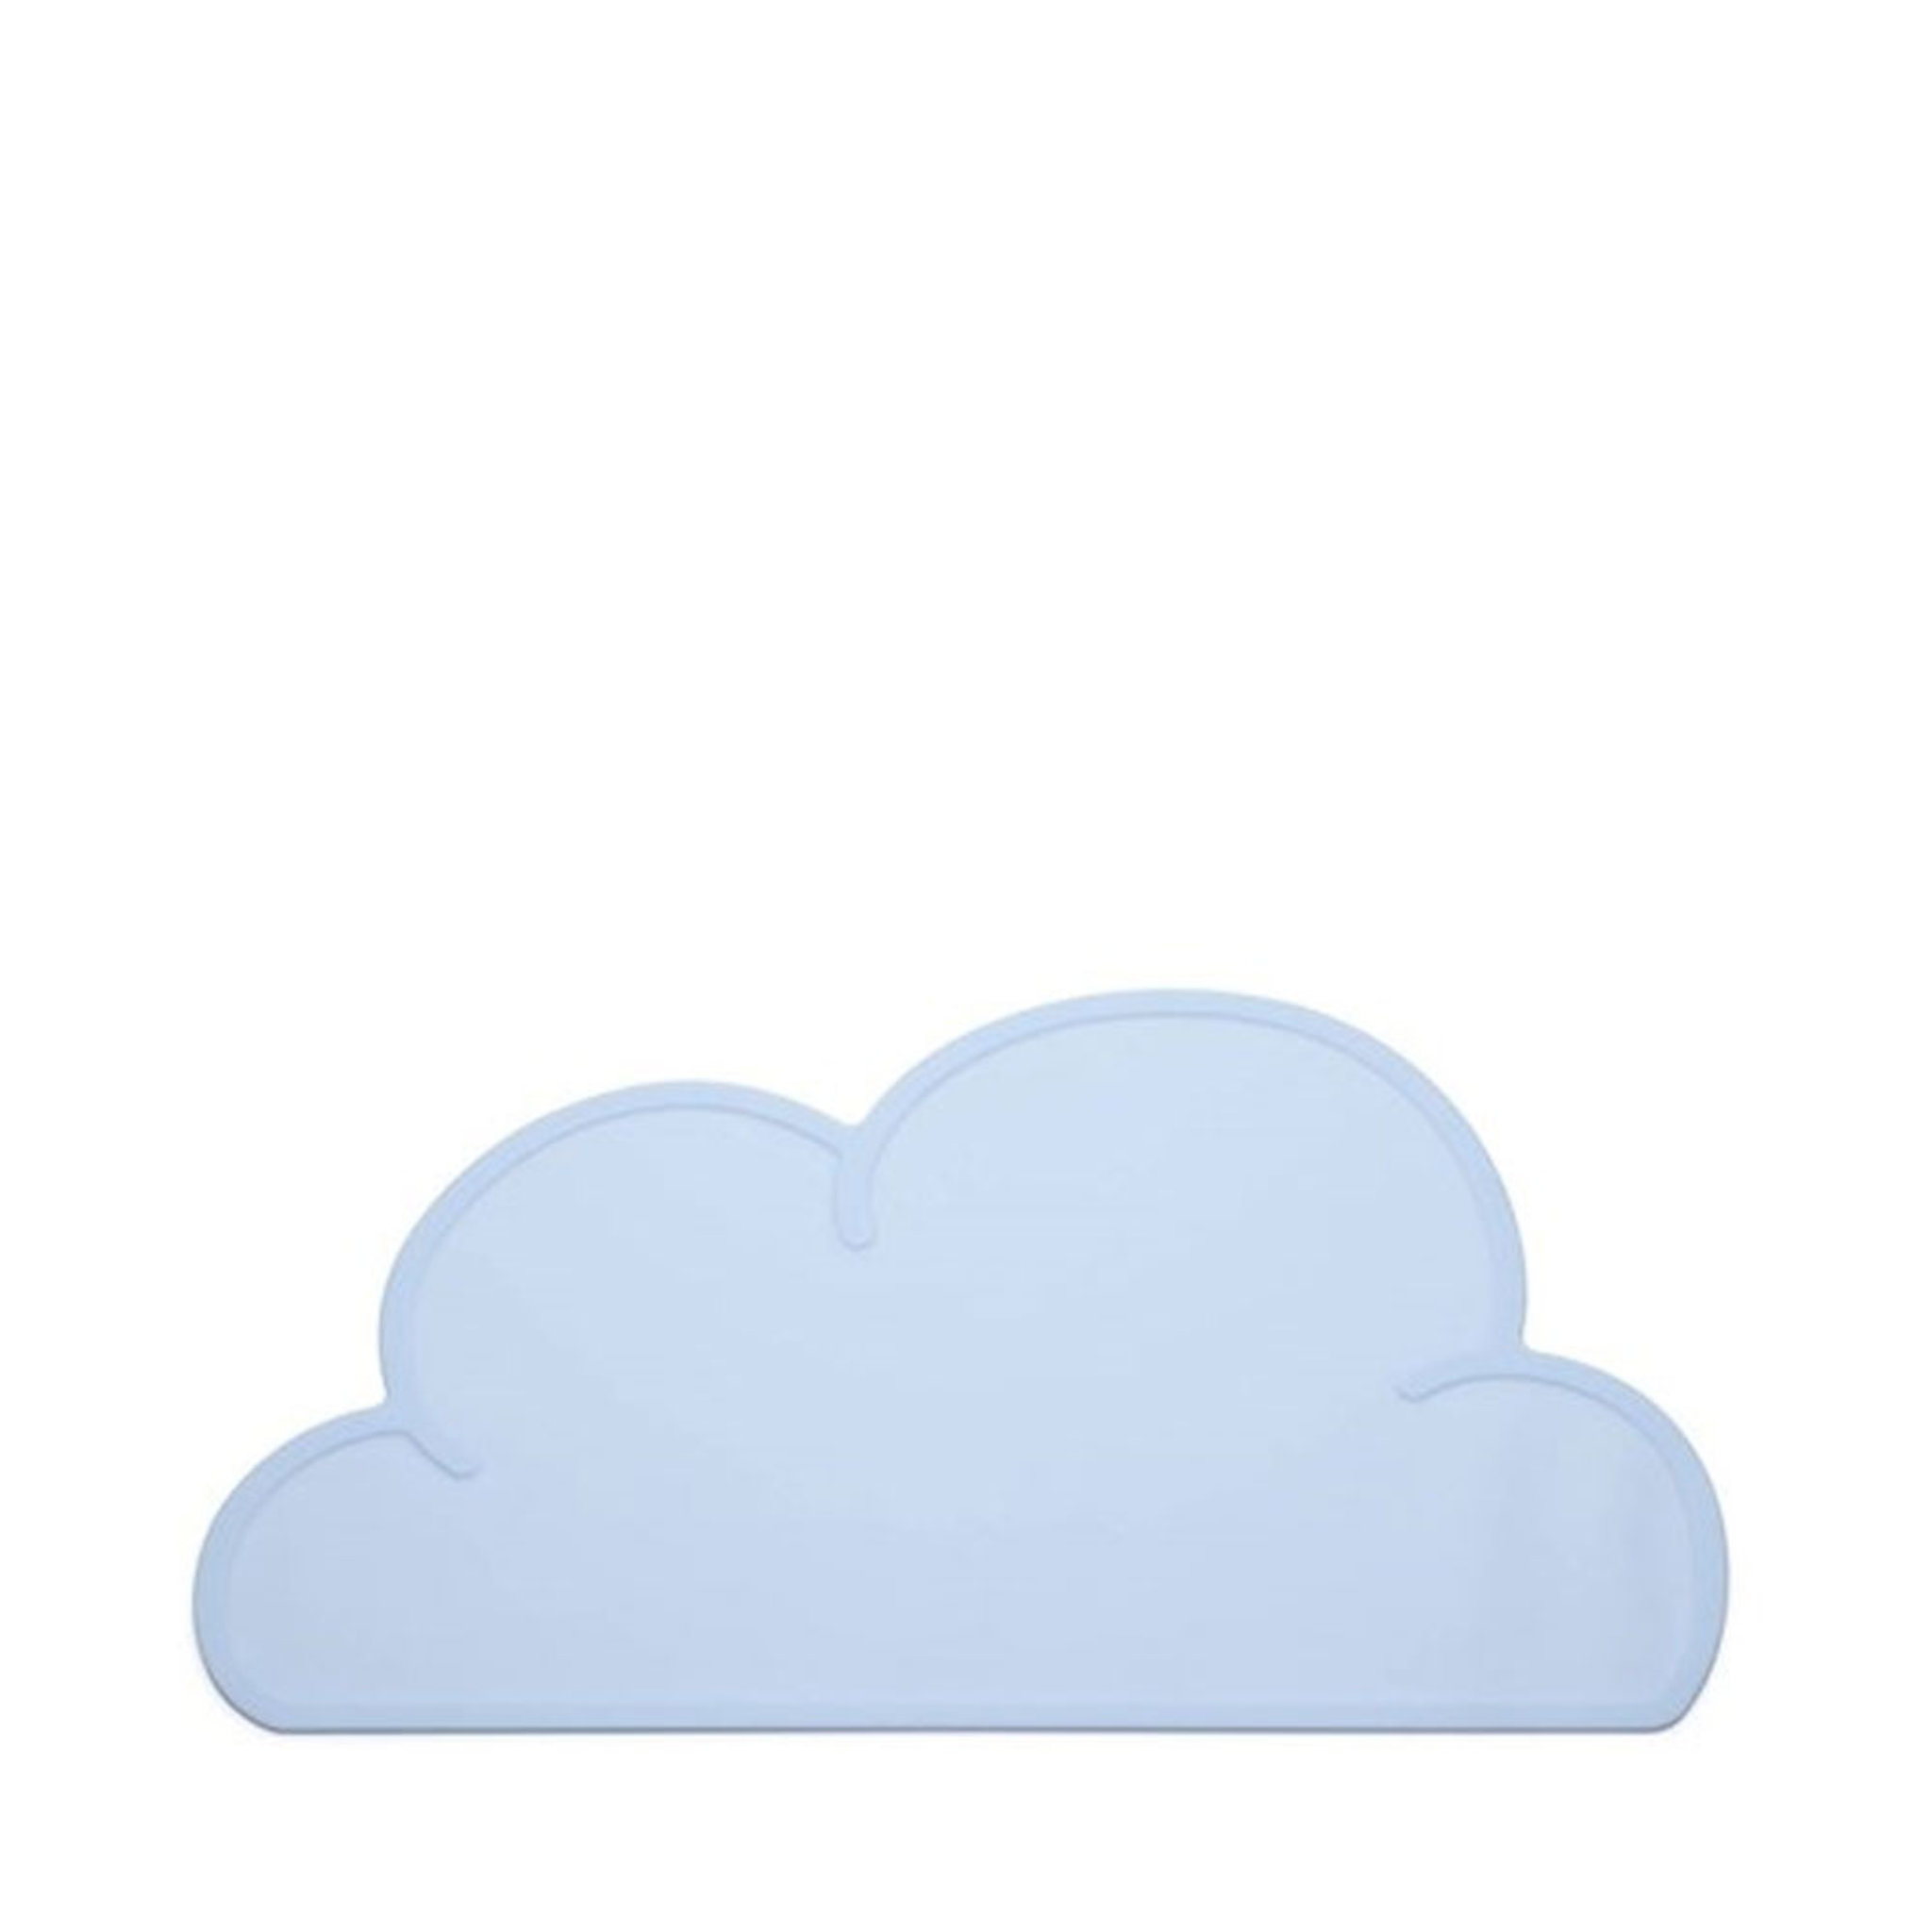 Underlägg i moln-utförande 48×30 cm